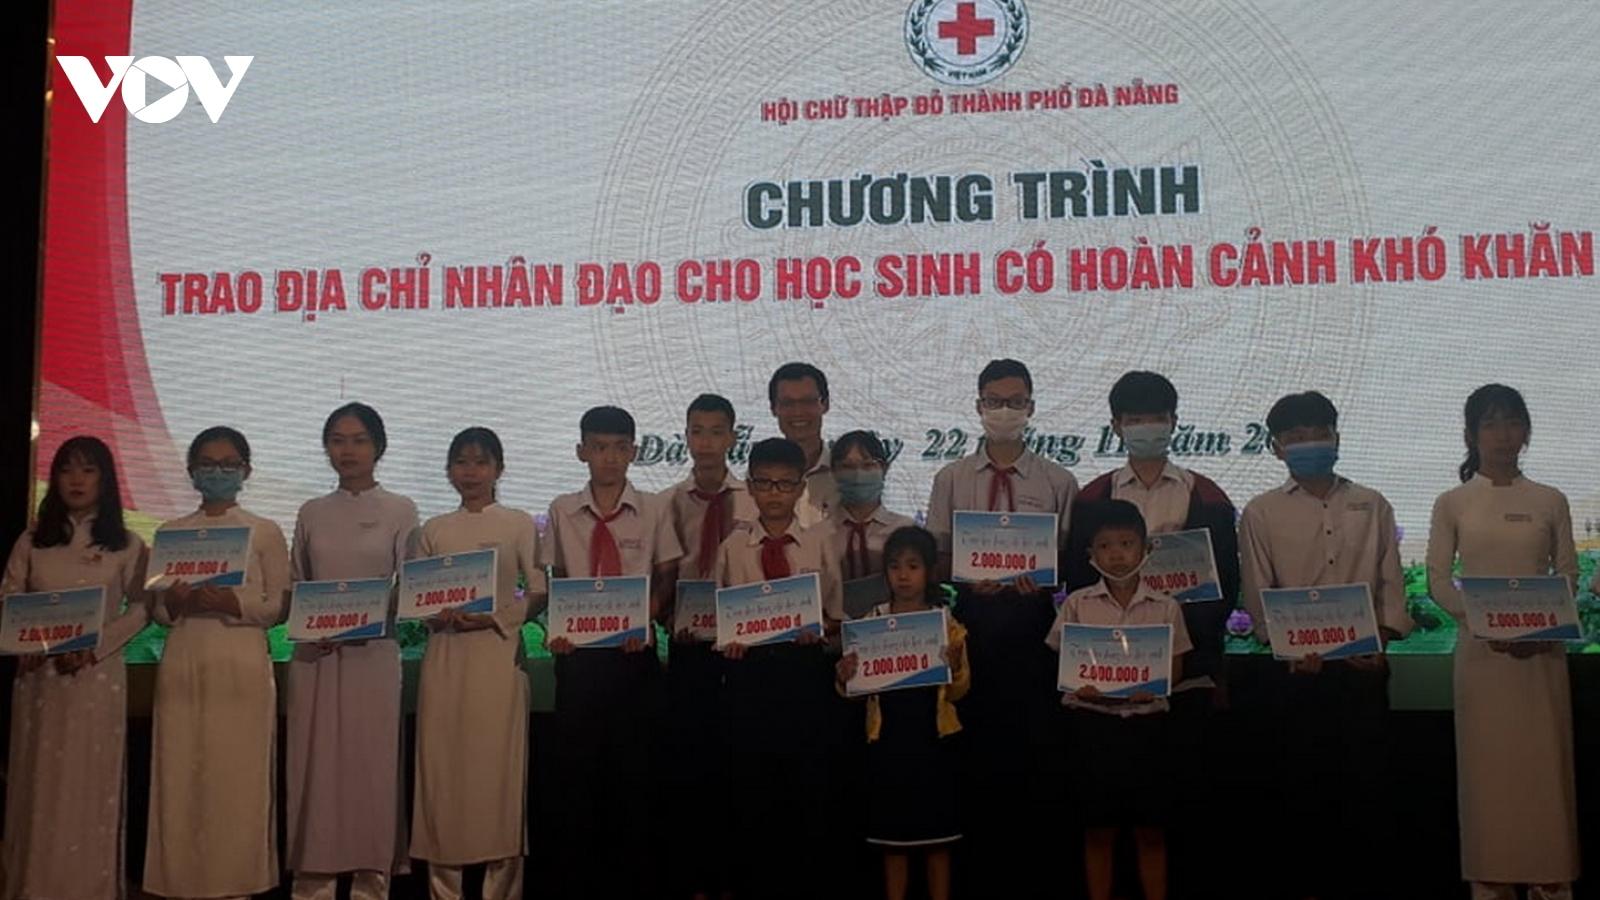 Đà Nẵng vận động hơn 50 tỷ đồng hỗ trợcác em học sinh khó khăn